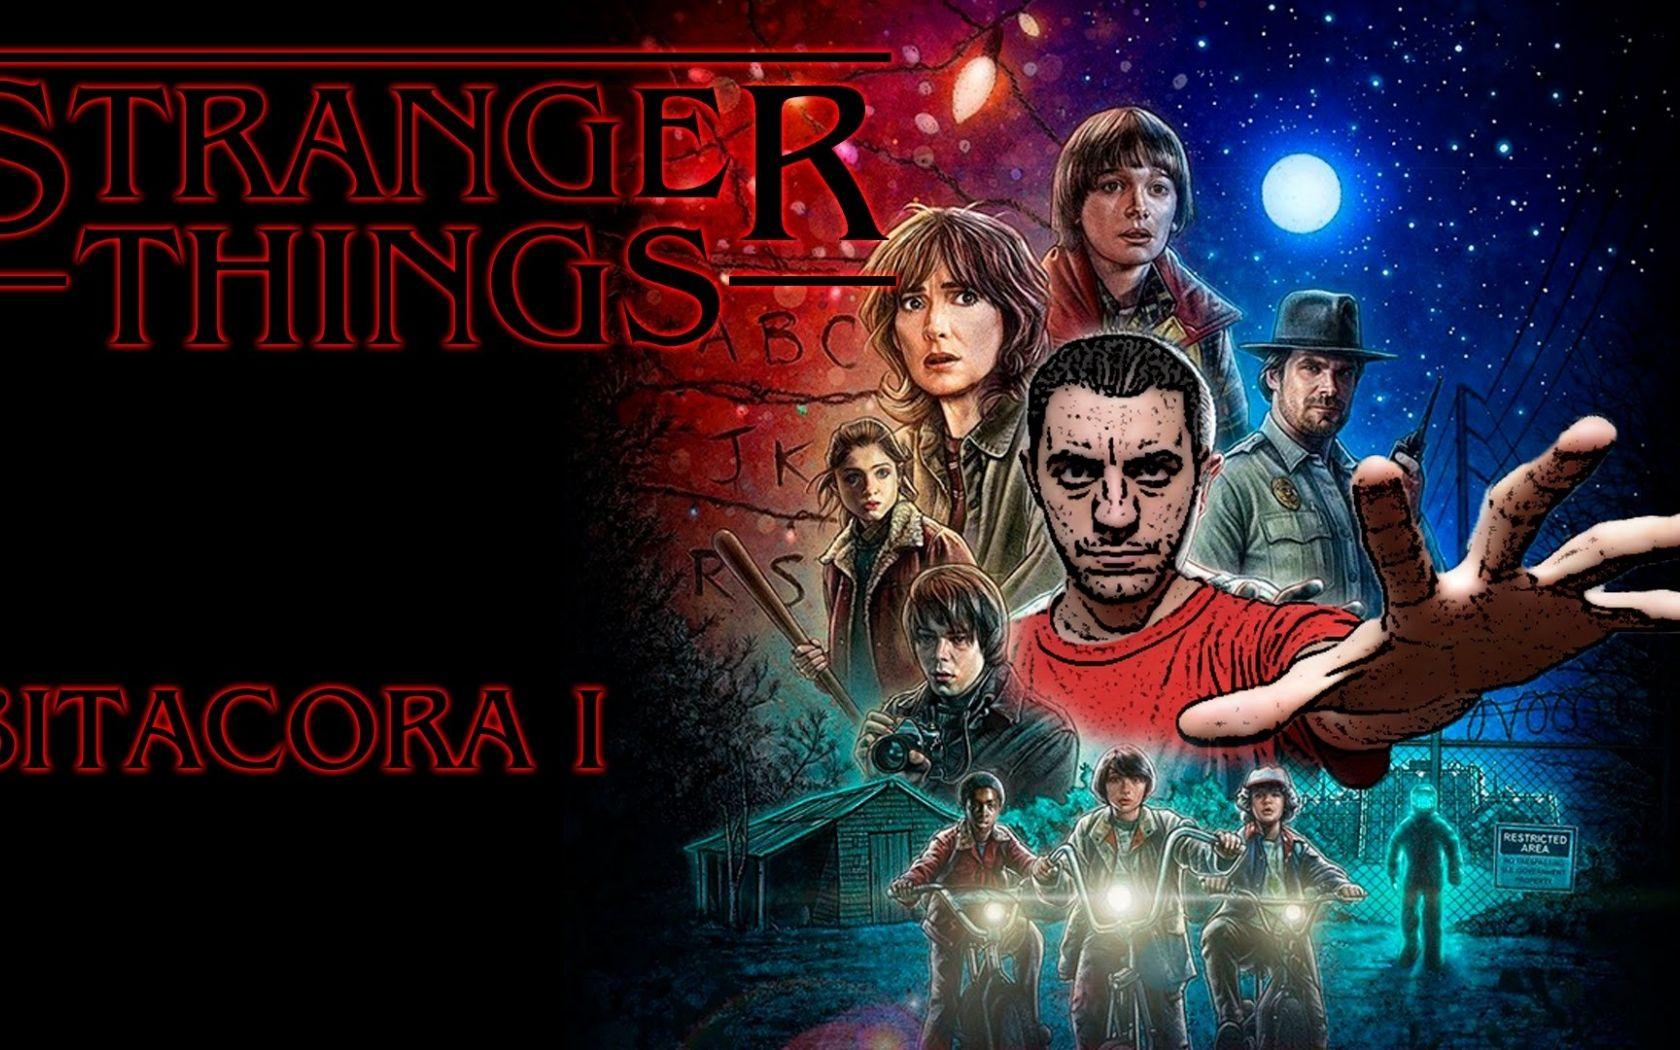 Stranger Things Wallpaper Stranger Things Wallpaper Stranger Things Poster Stranger Things